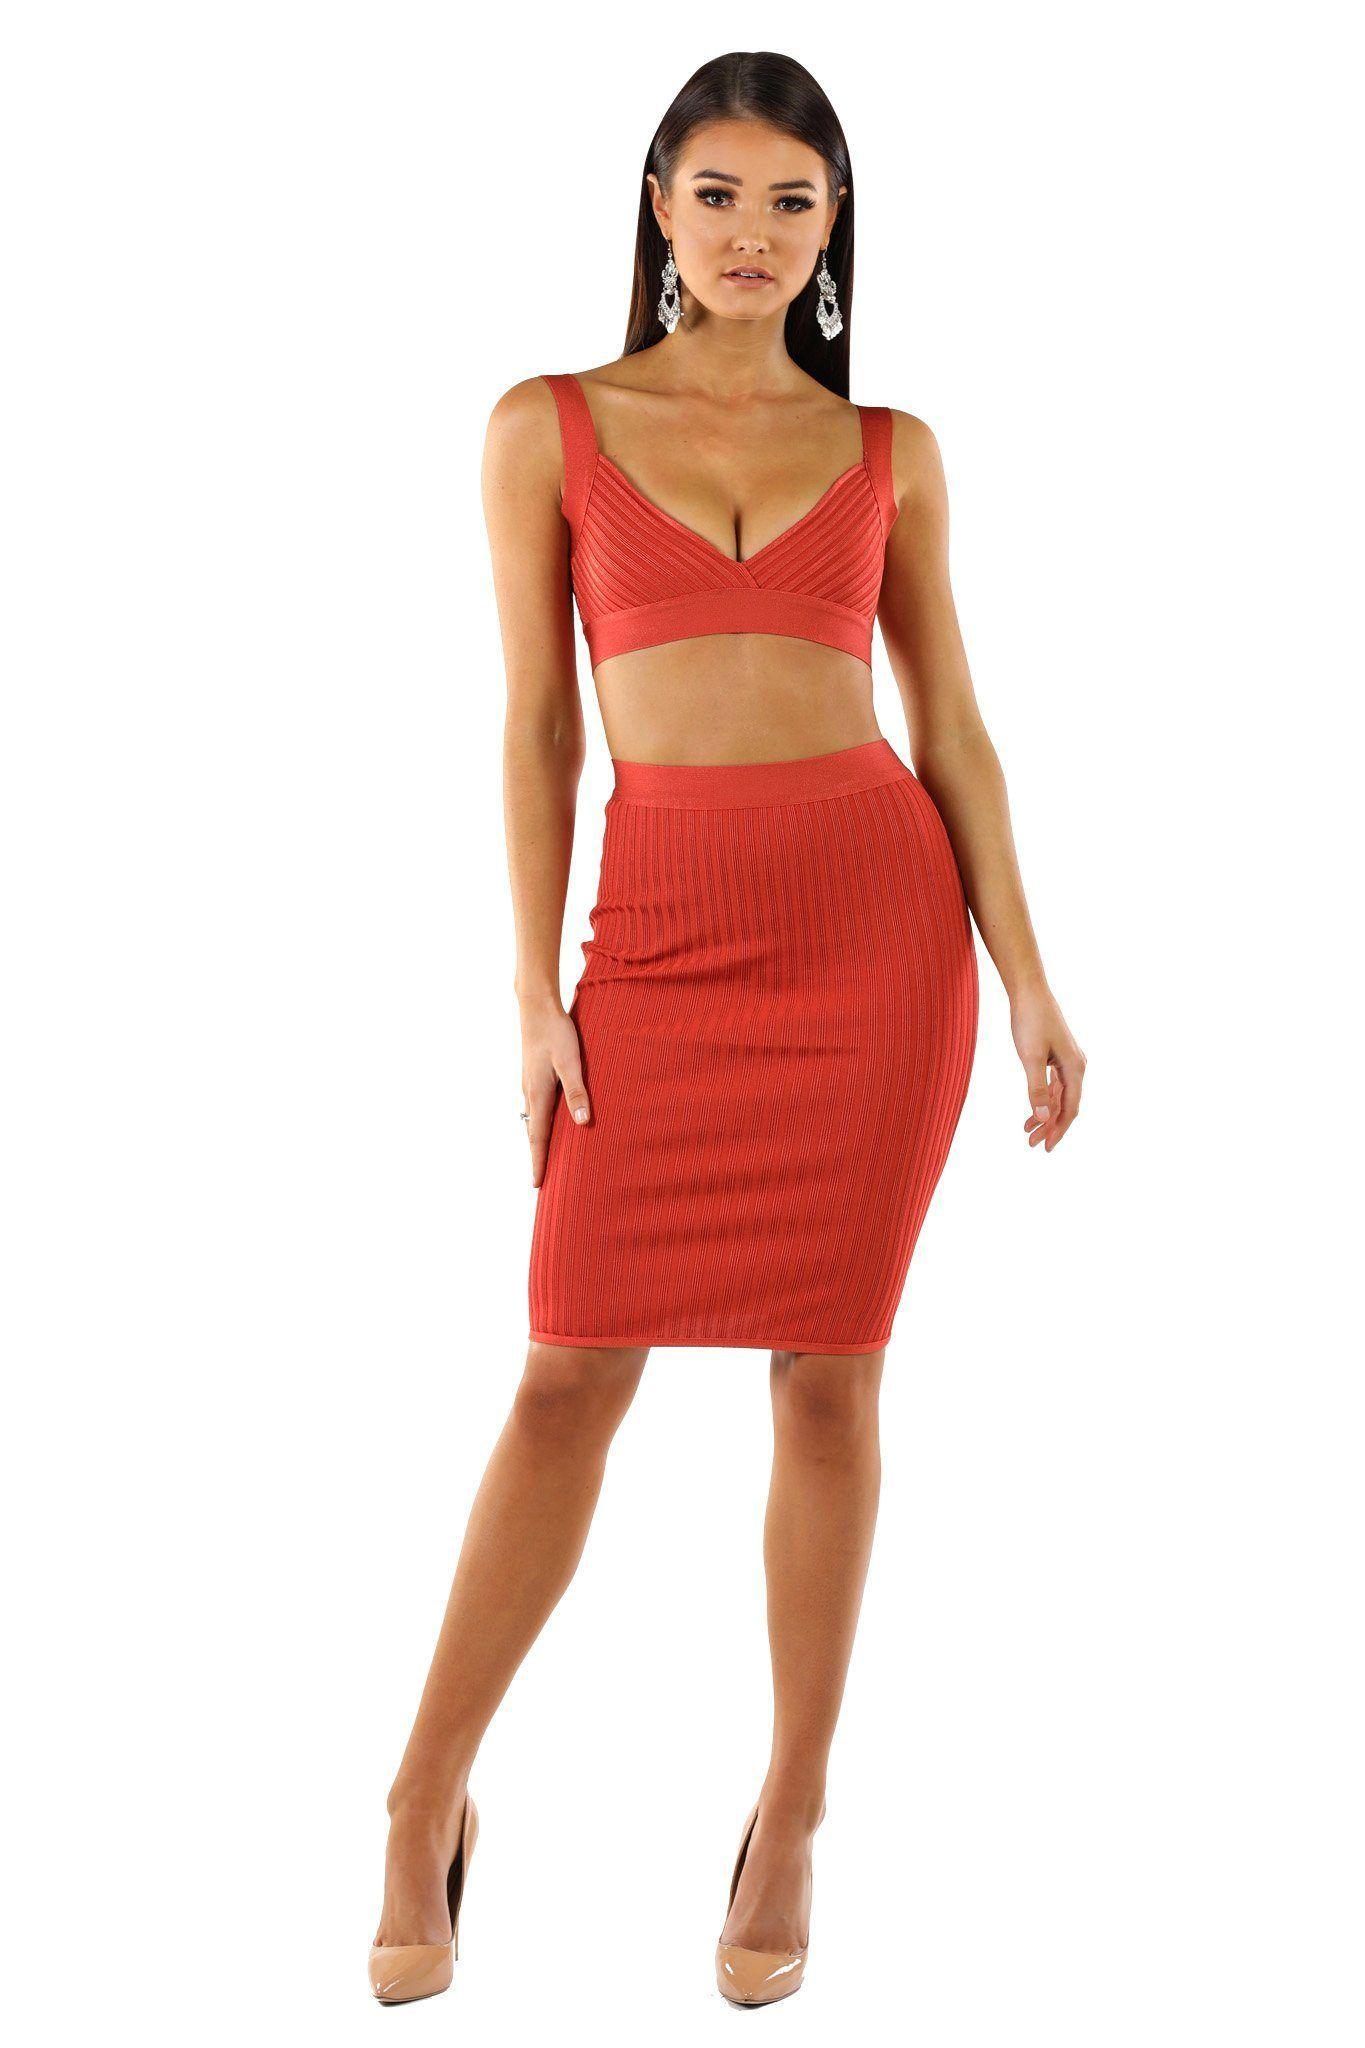 b3ad9f8443 London Ribbed Bandage Two-Piece Bandage Dress Set - Burnt Orange by Noodz  Boutique